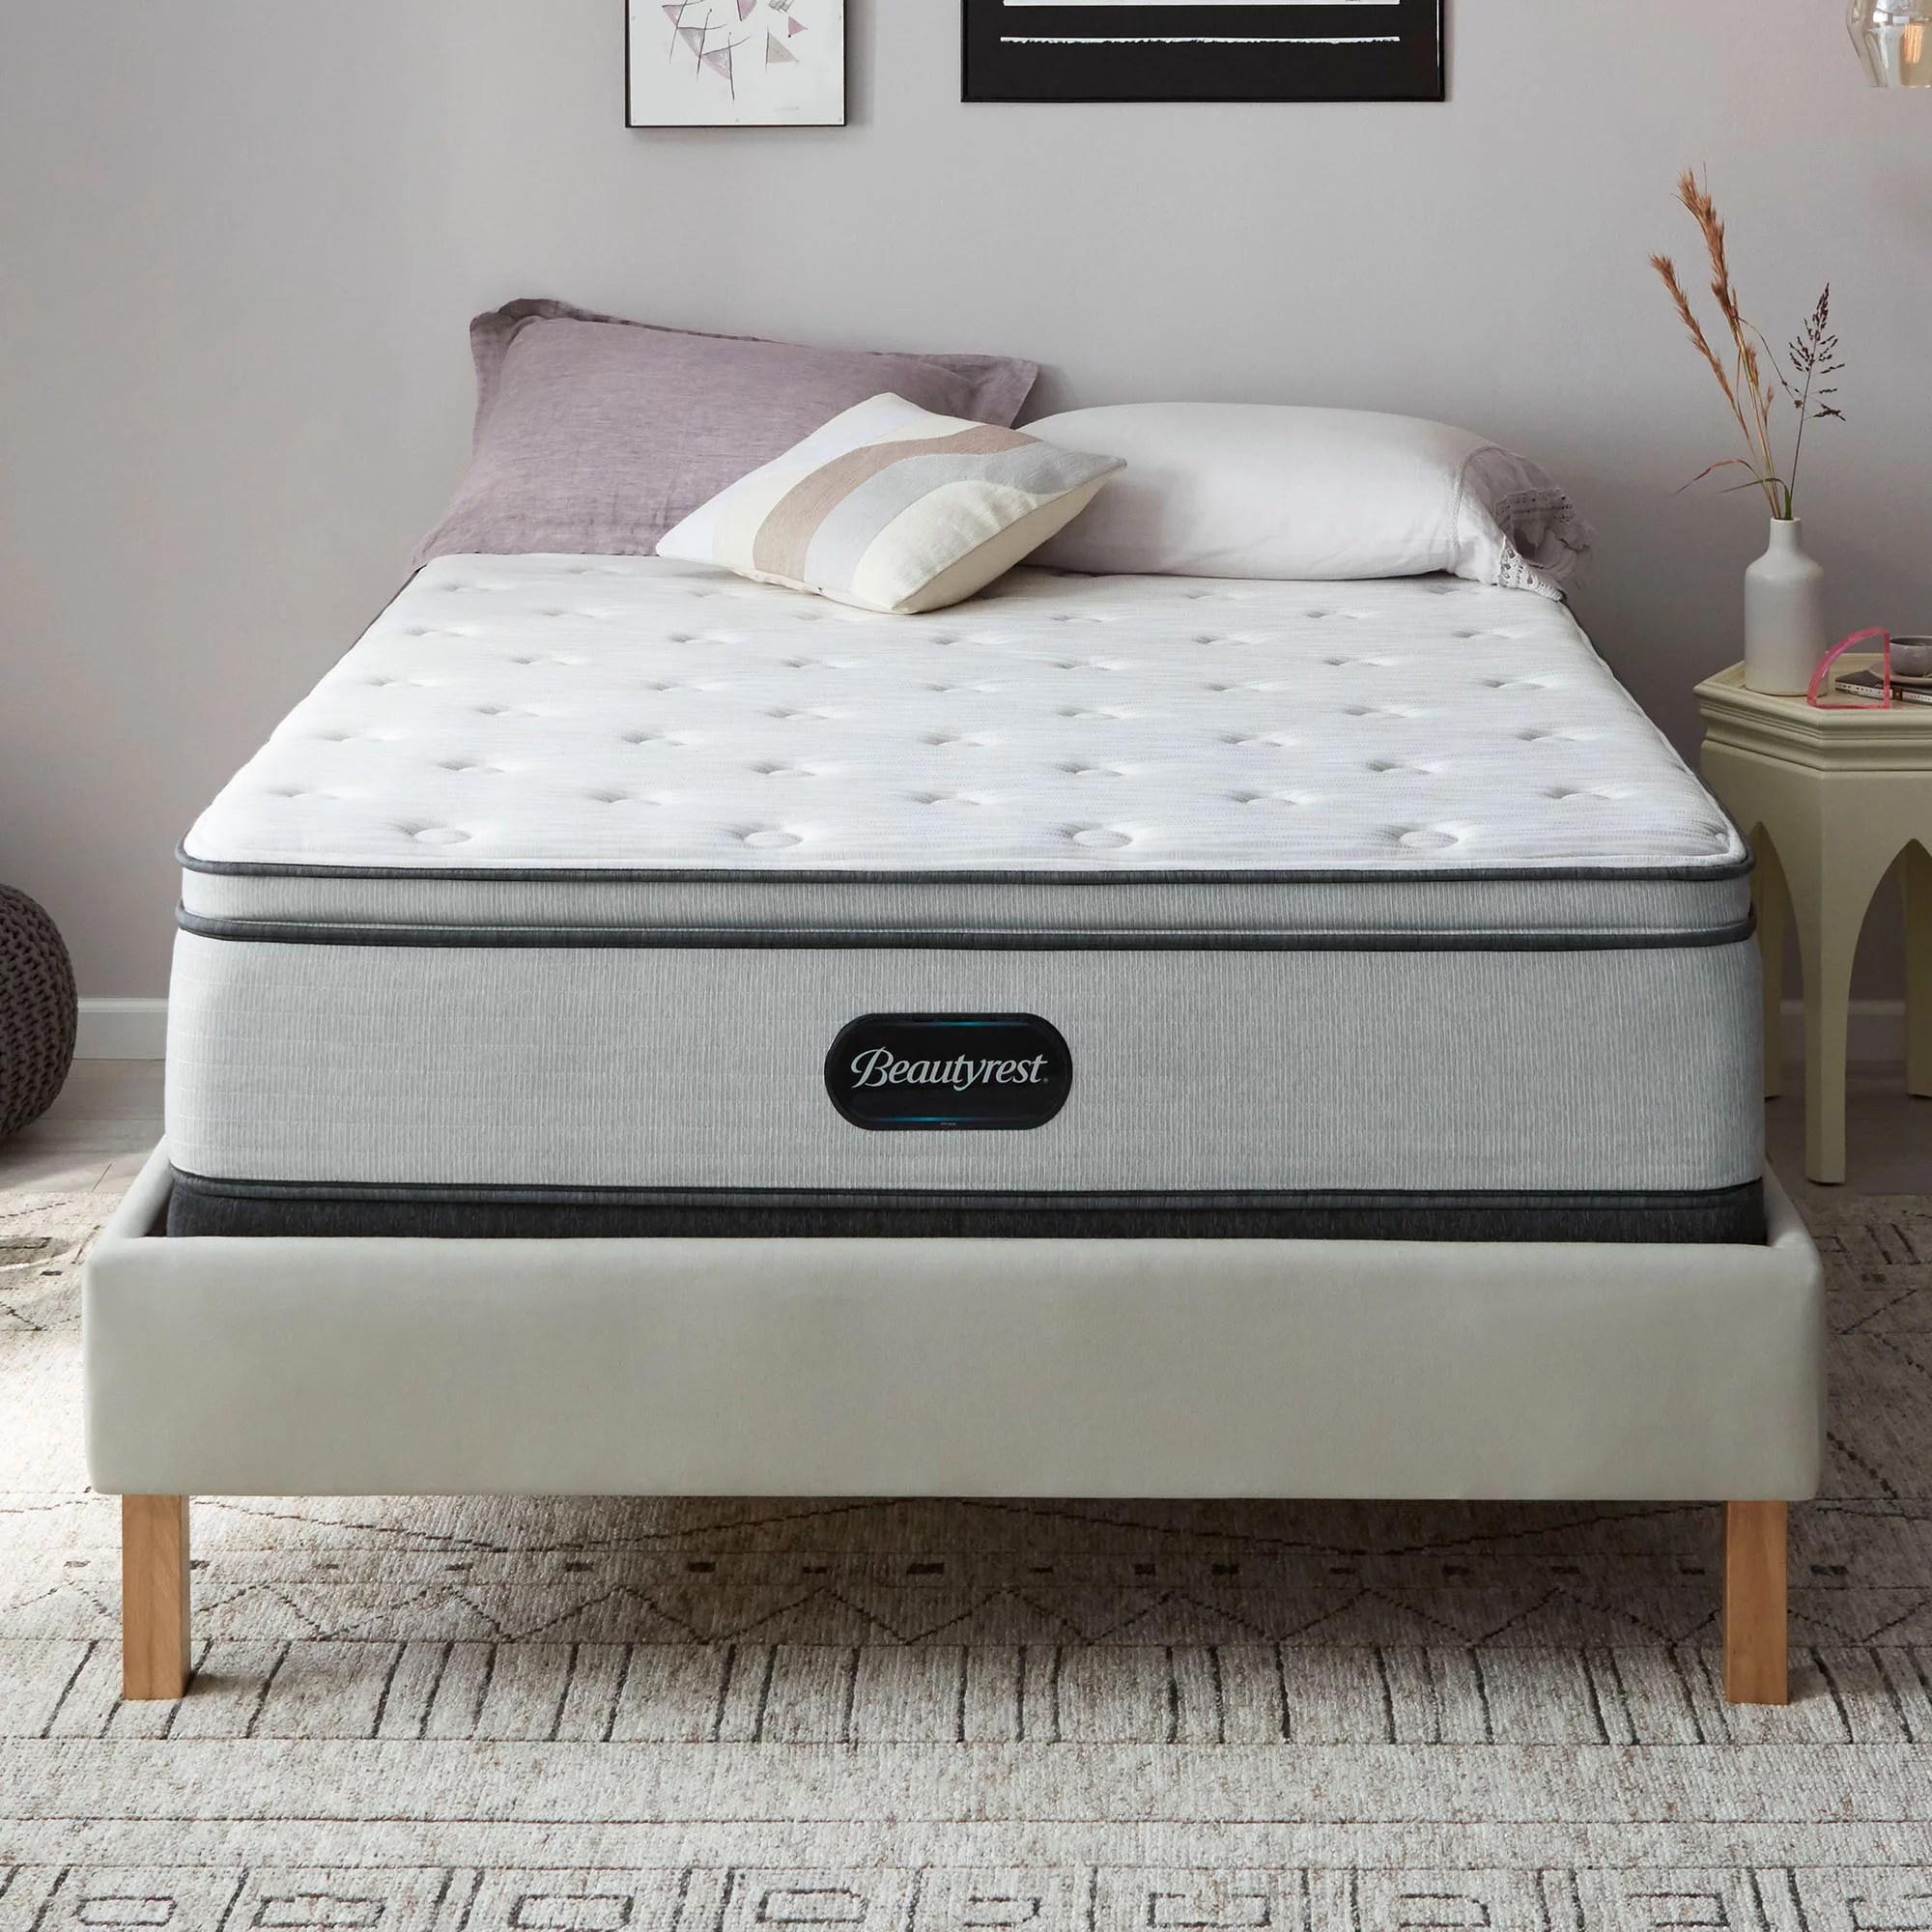 beautyrest 13 5 premier dual cool technology pillowtop mattress multiple sizes